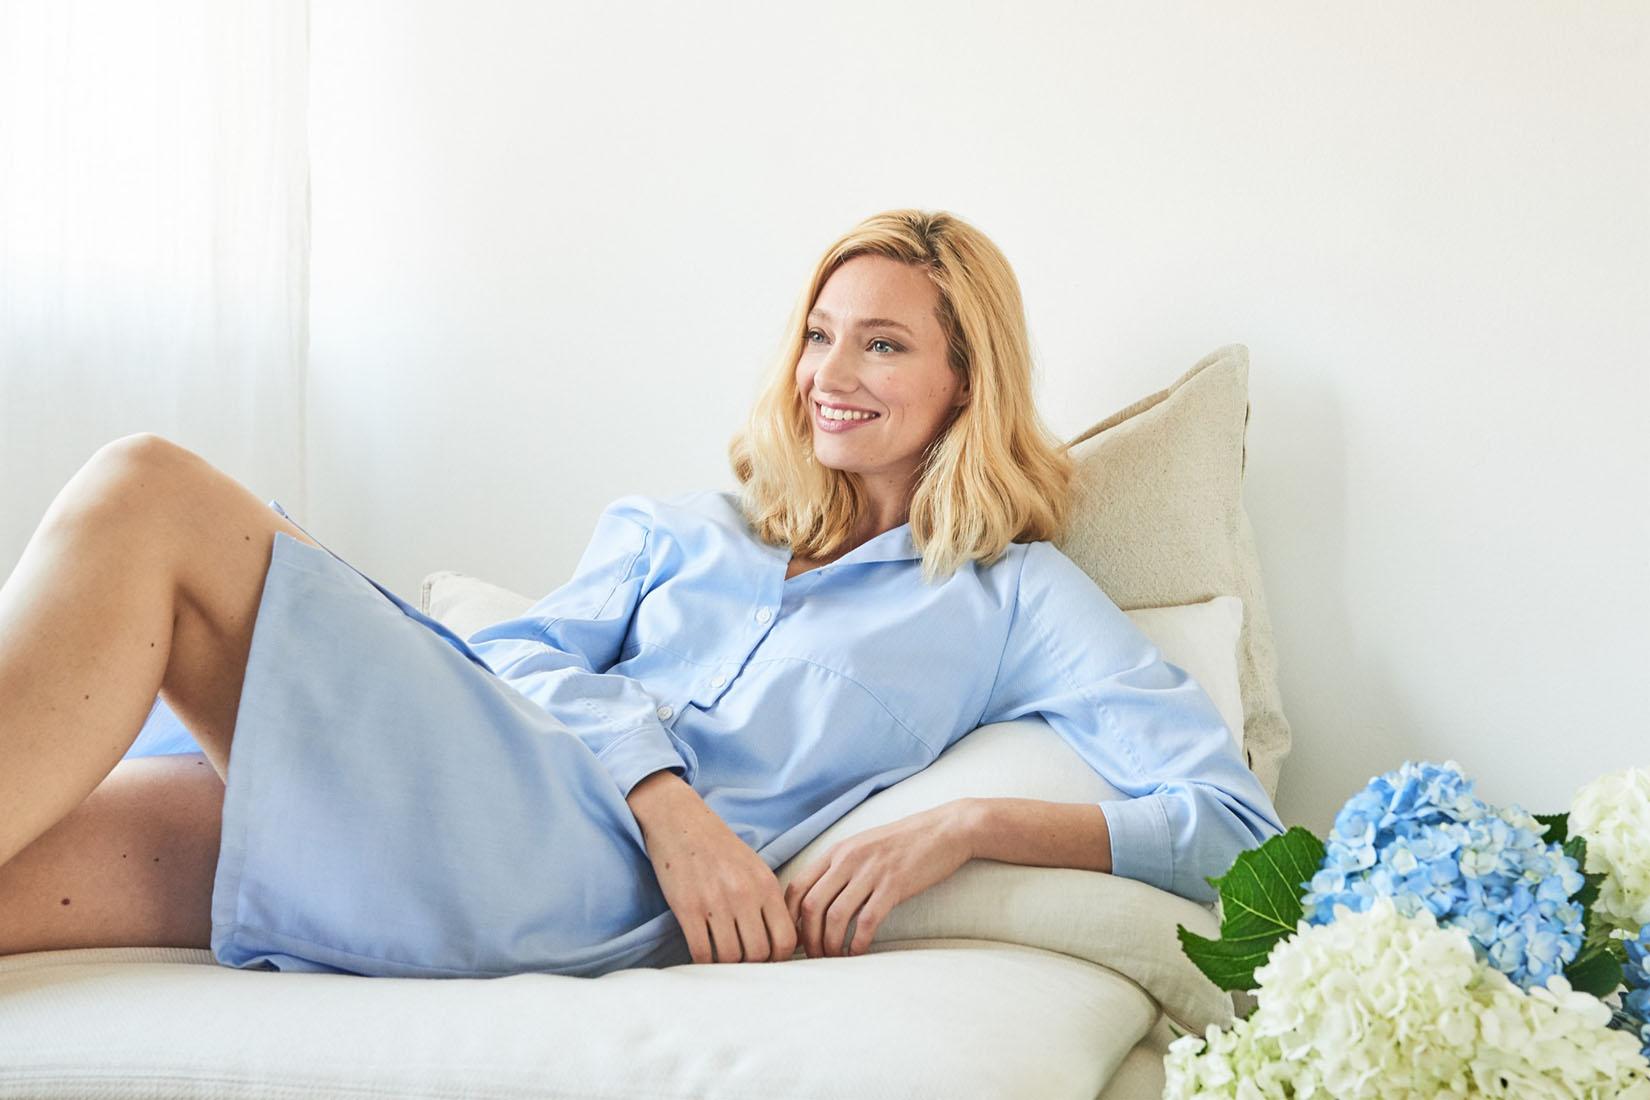 best loungewear brands women the sleep shirt review Luxe Digital